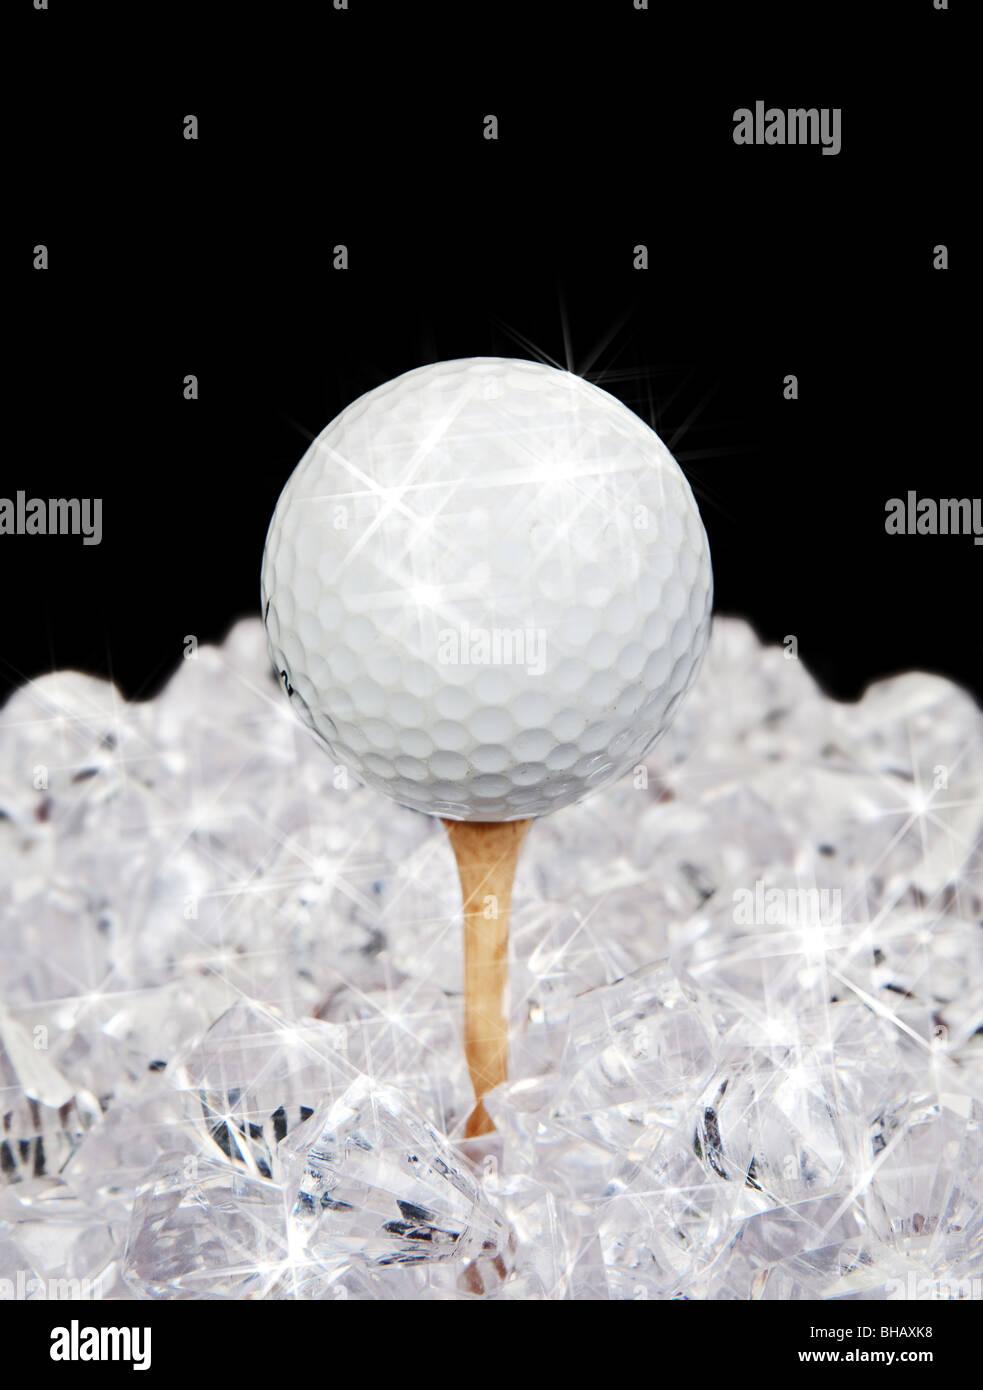 Ultimate golf sfera frizzante sul raccordo a t tra i diamanti Immagini Stock